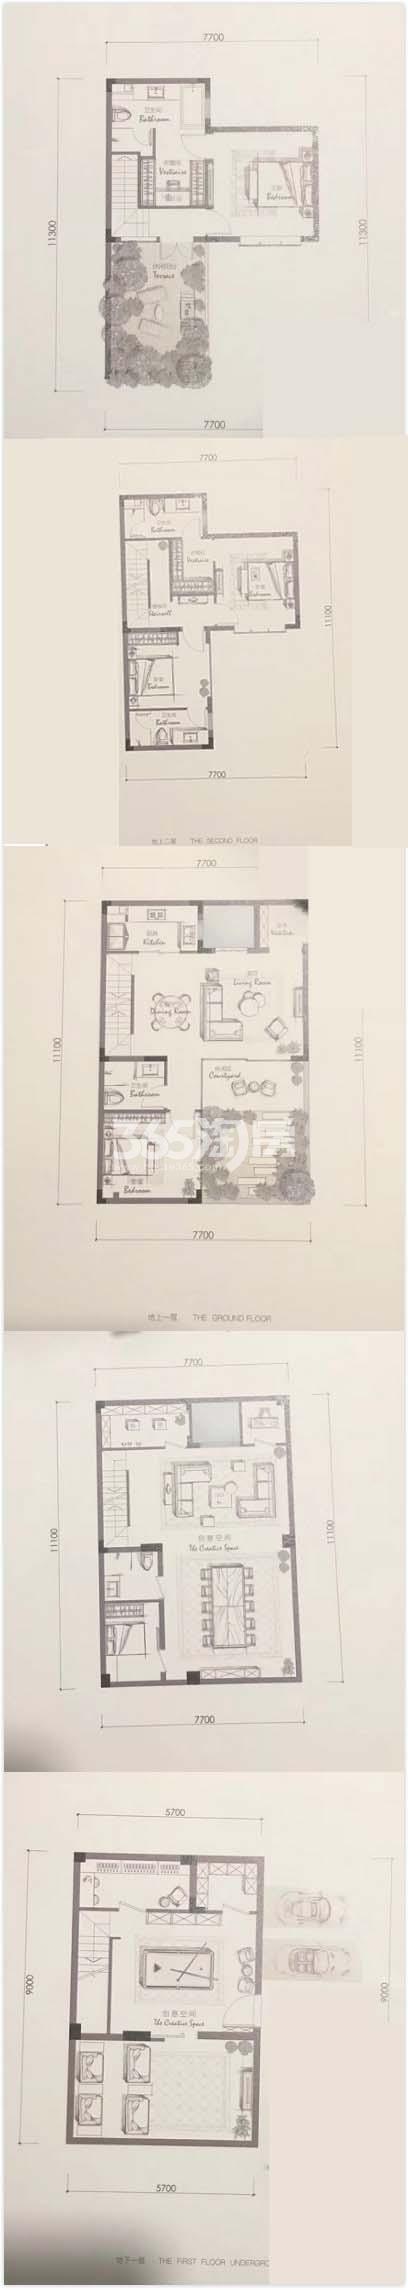 金地滨江万科悦虹湾H1户型排屋140方(21-31#)